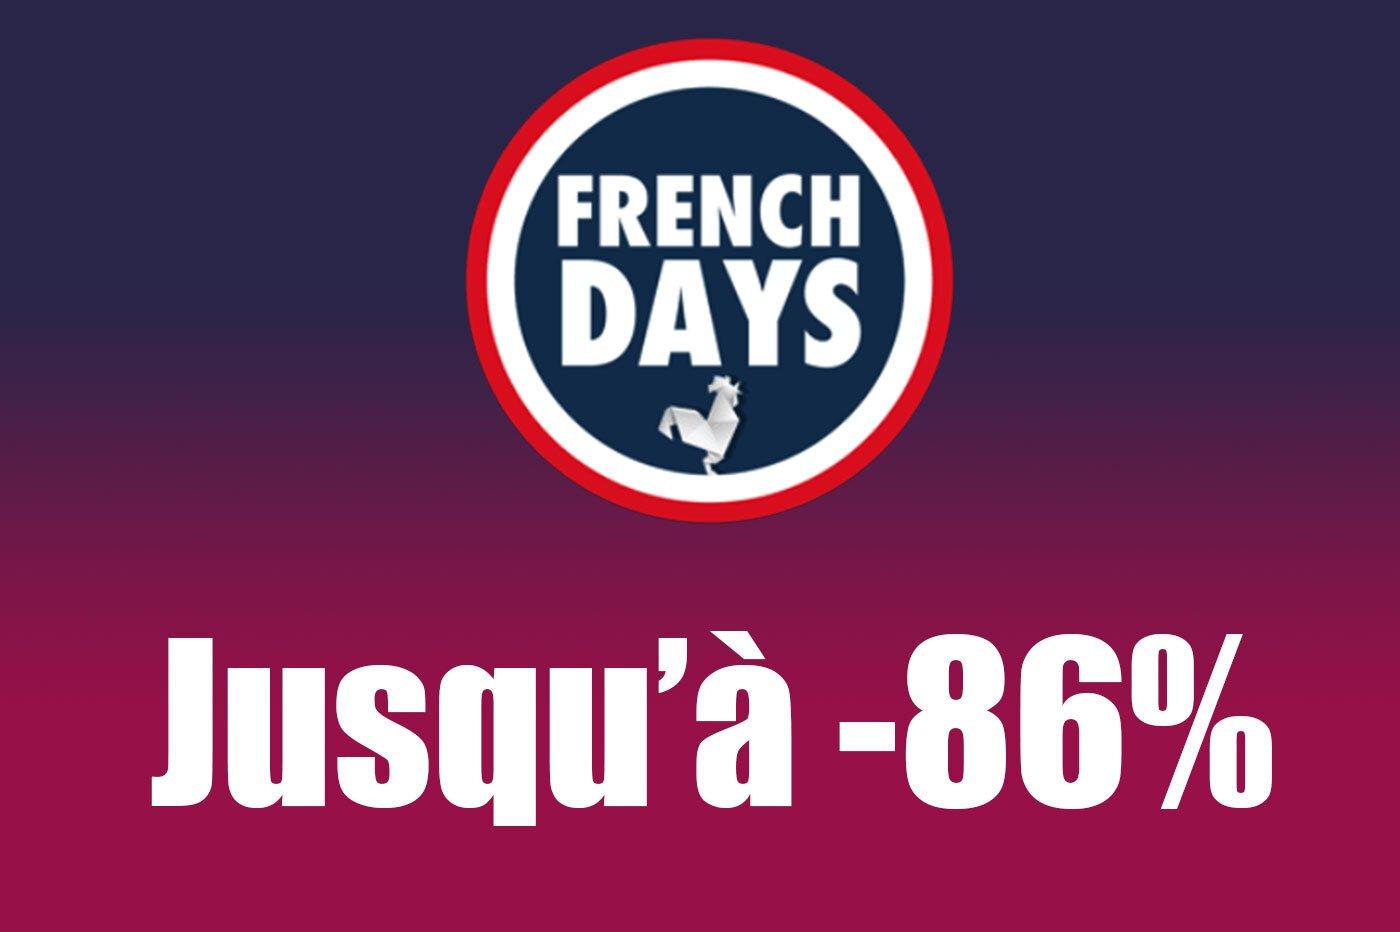 Les French Days de l'été 2021